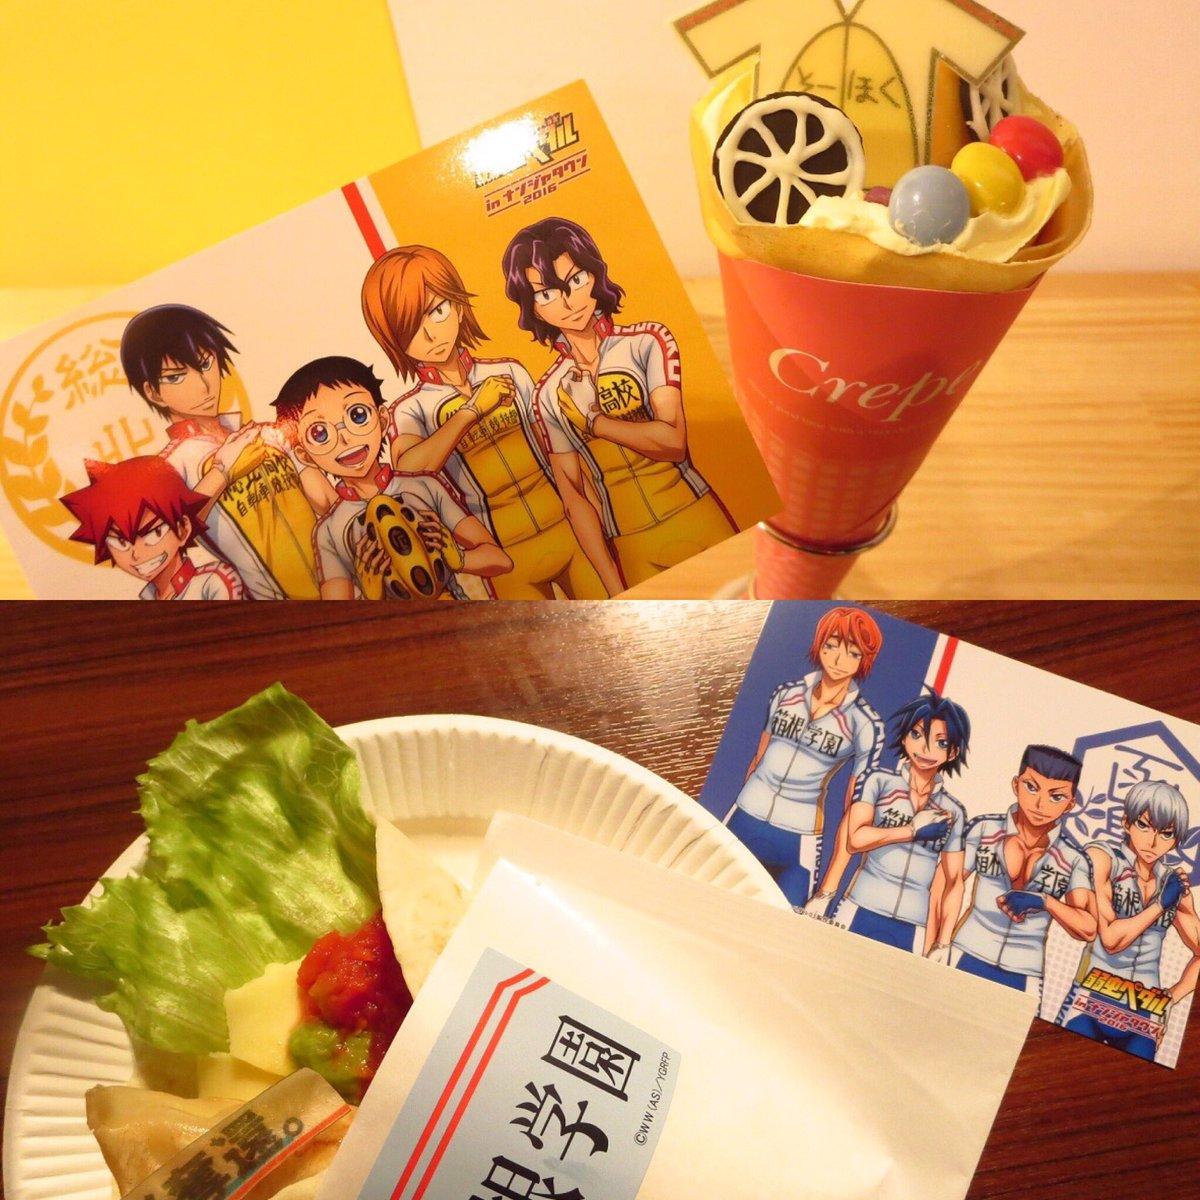 小腹が空いてくるこの時間…明日から新登場の新生総北高校、新生箱根学園のコラボメニューを一足お先にいただきまーす! #yp